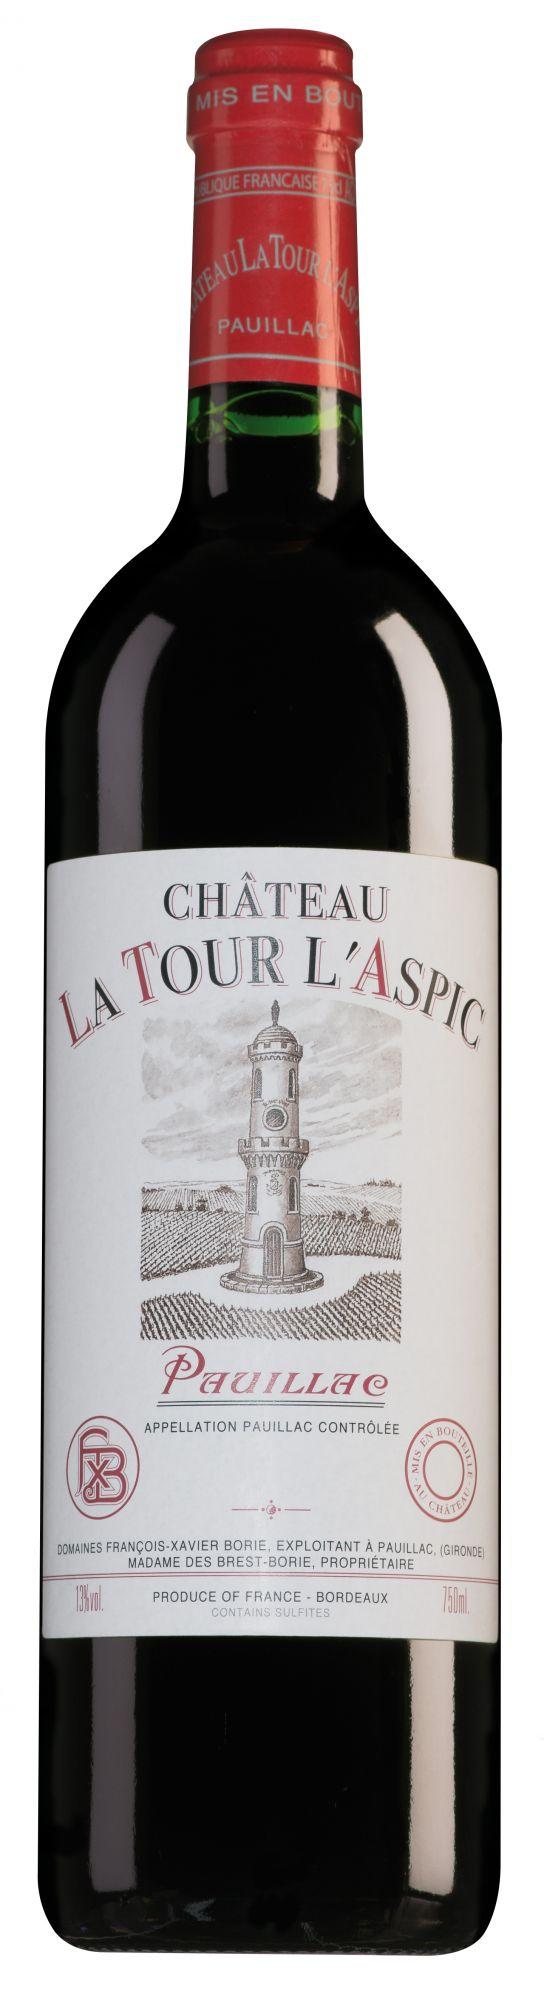 Château la Tour L'Aspic Pauillac